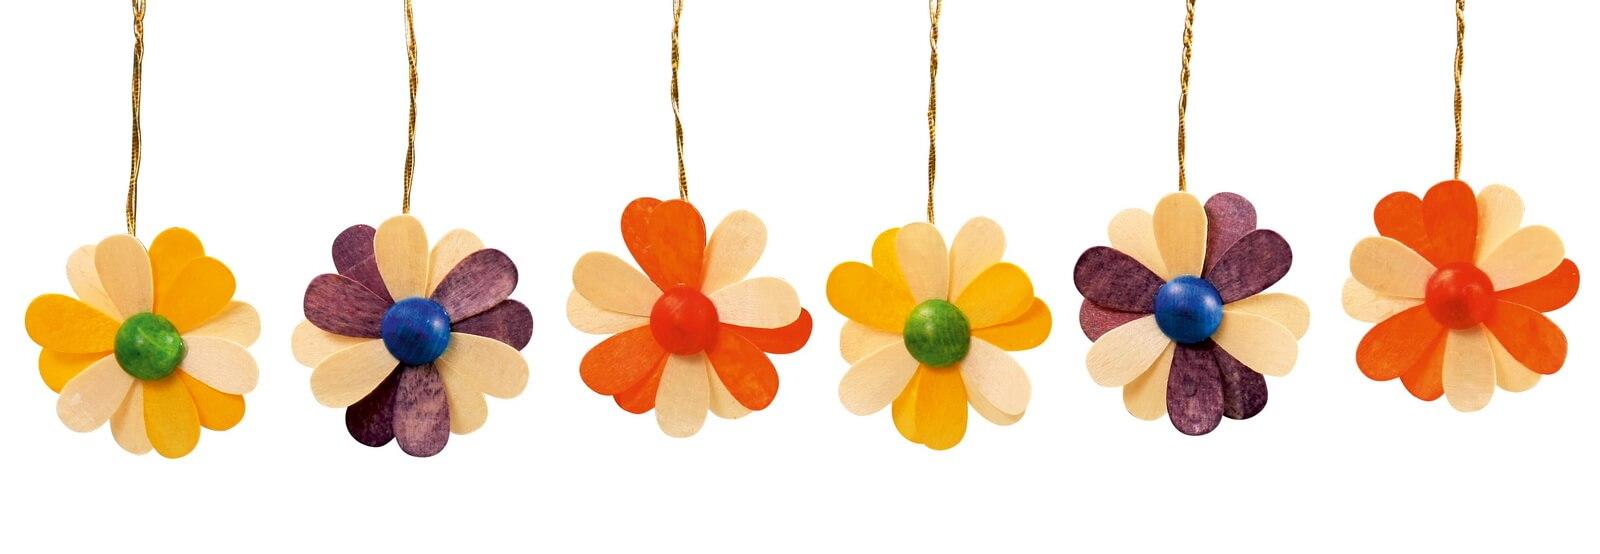 Frühlingsdeko Blüten, 6-teilig, 2-farbig von Thomas Preißler